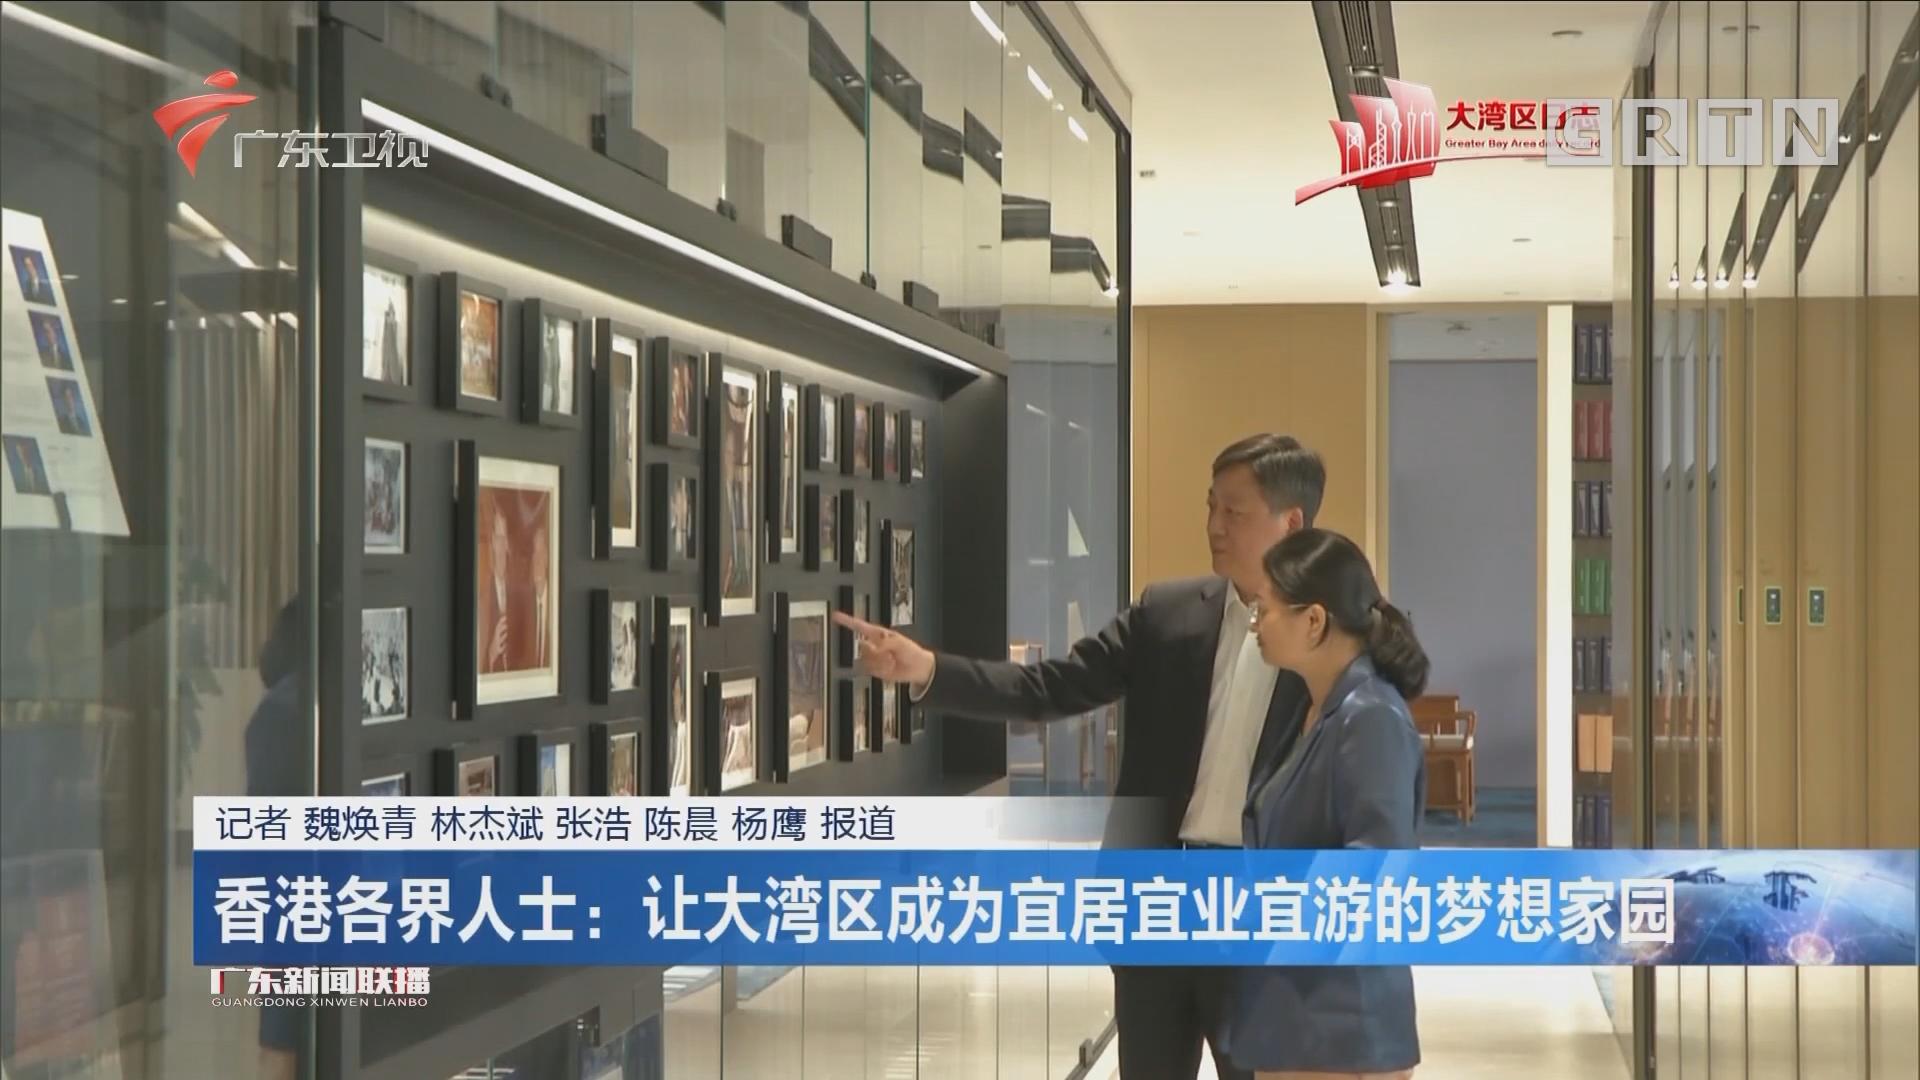 香港各界人士:让大湾区成为宜居宜业宜游的梦想家园